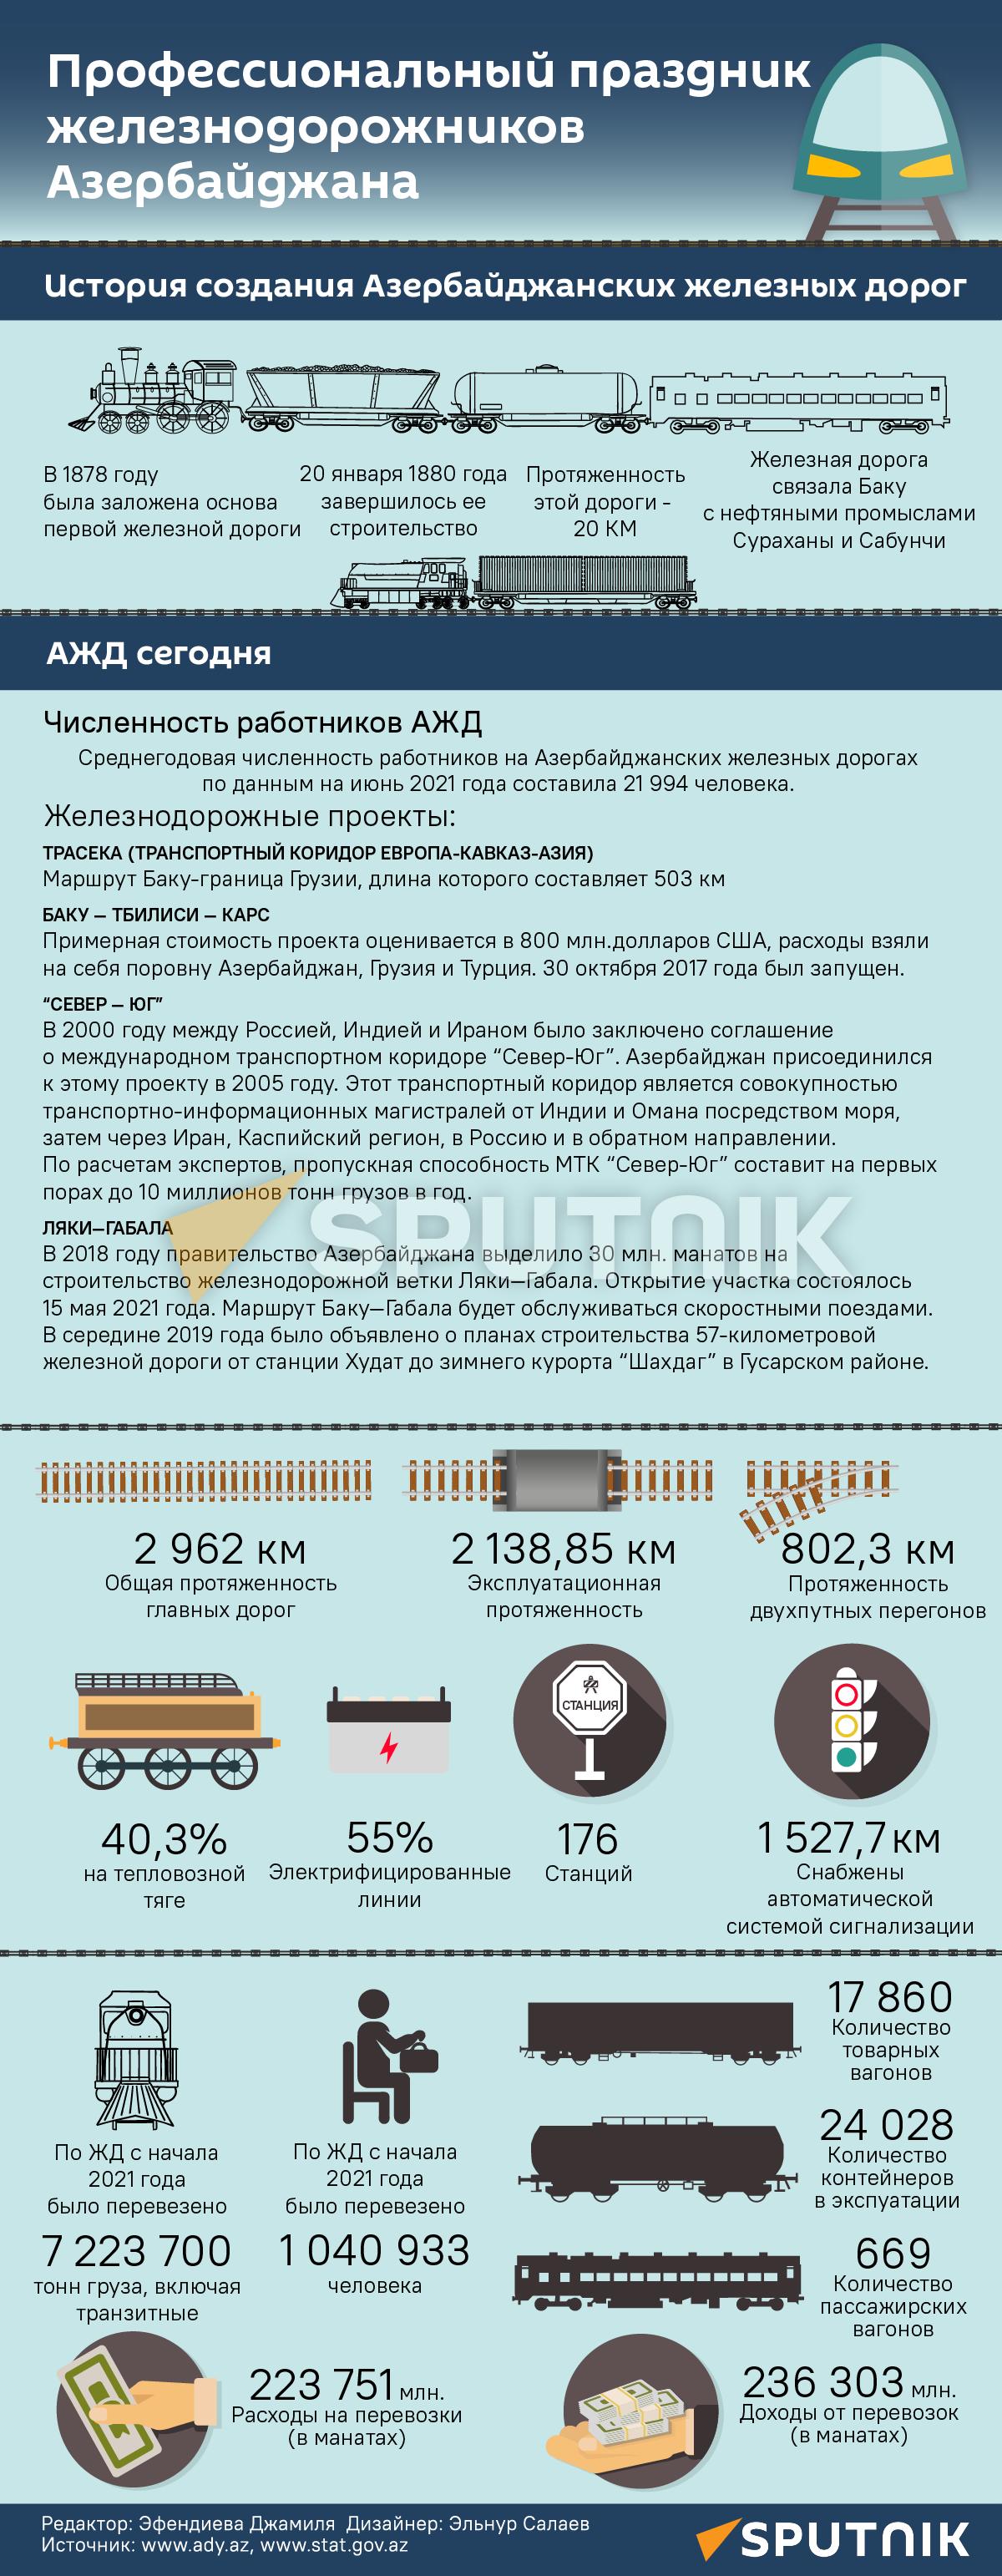 Инфографика: Профессиональный праздник железнодорожников Азербайджана - Sputnik Азербайджан